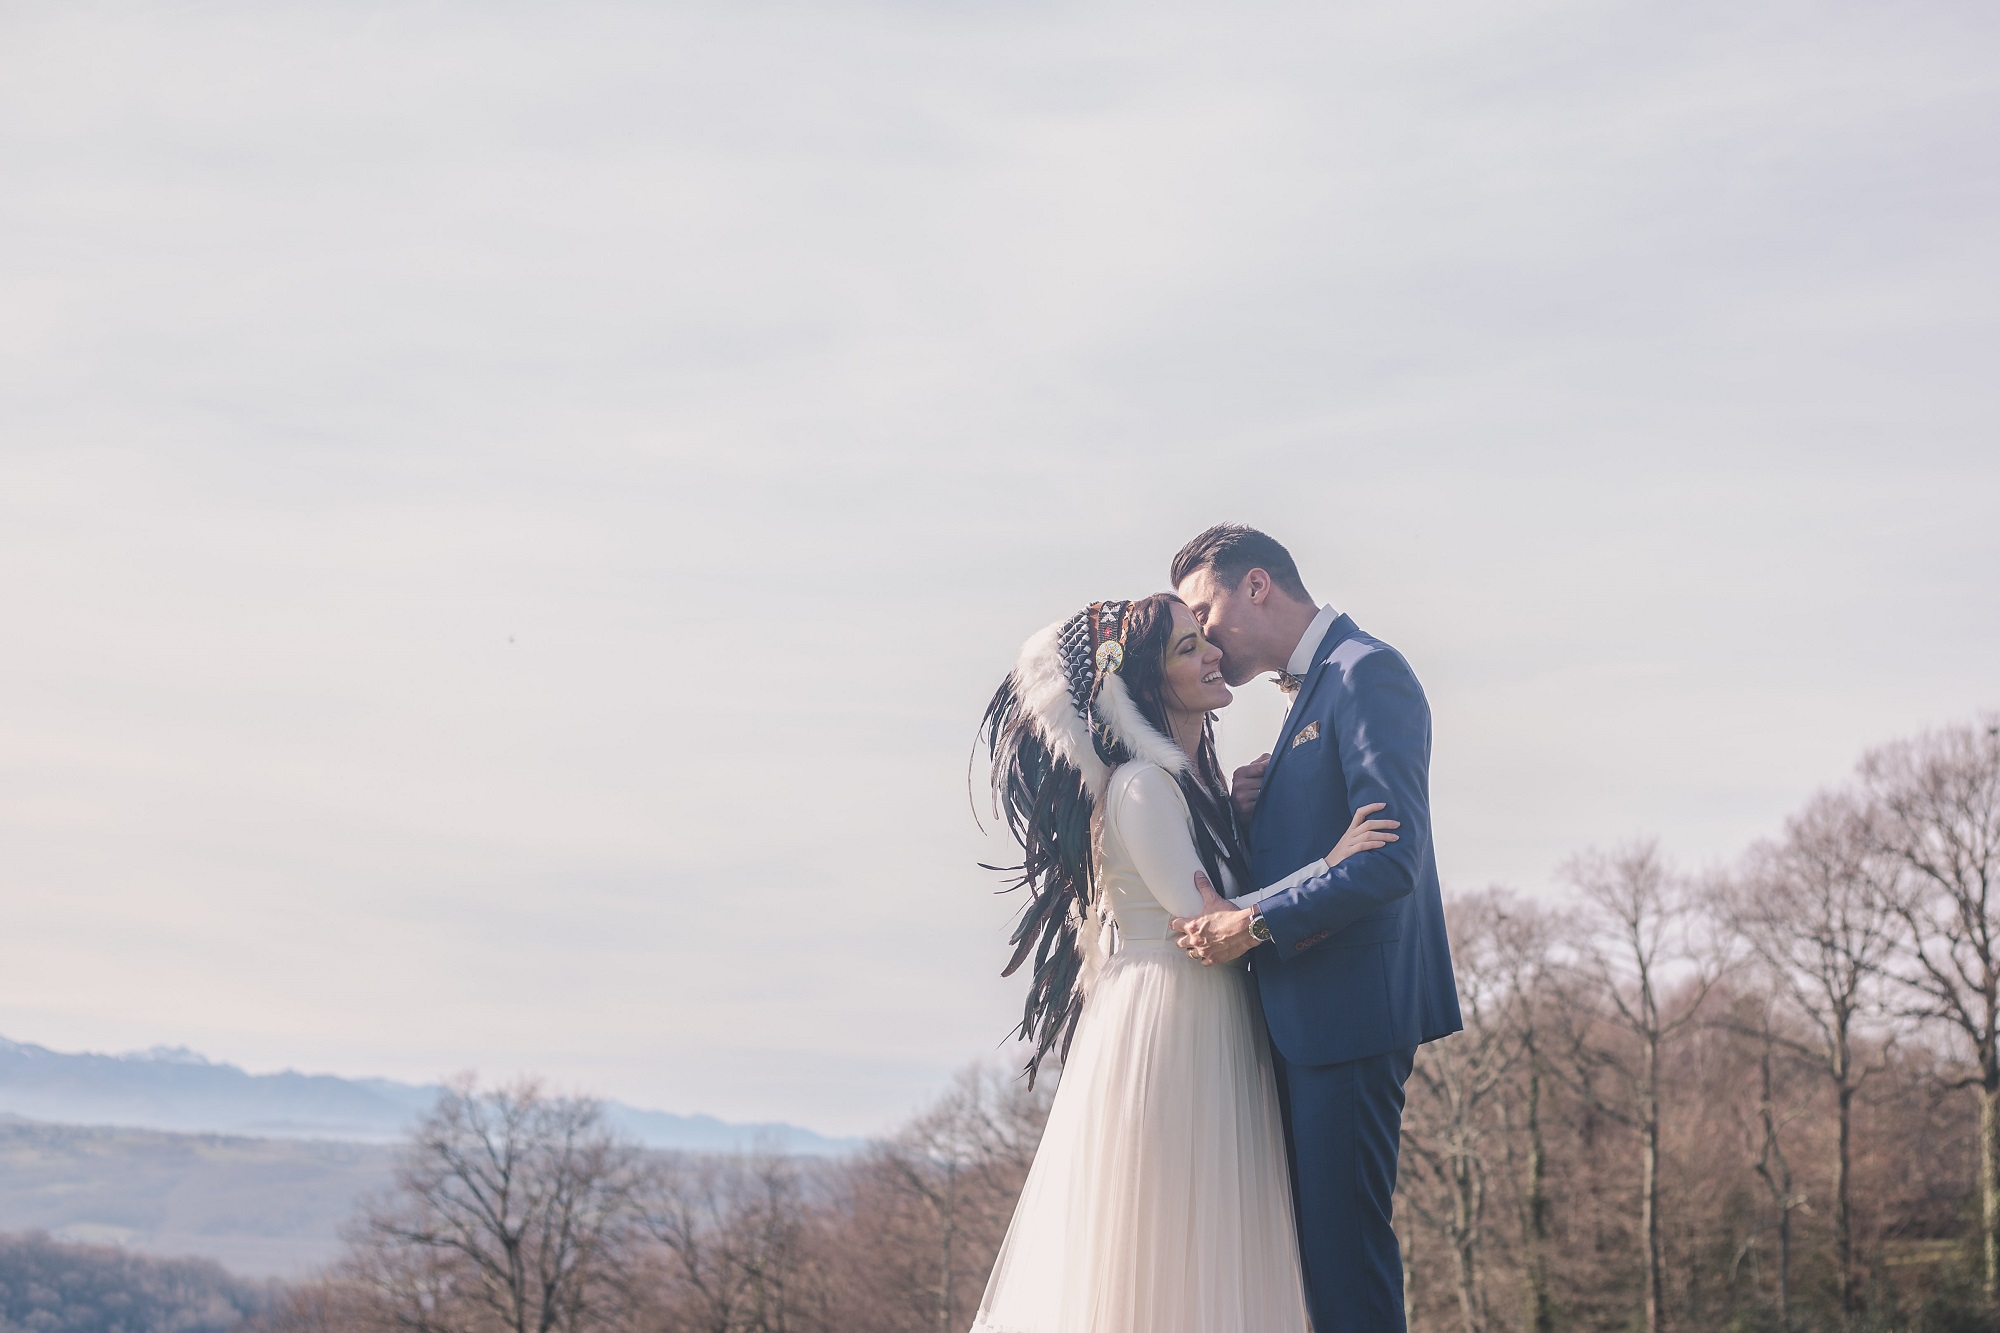 les derniers pas d'une cérémonies des voeux pour un mariage amérindien